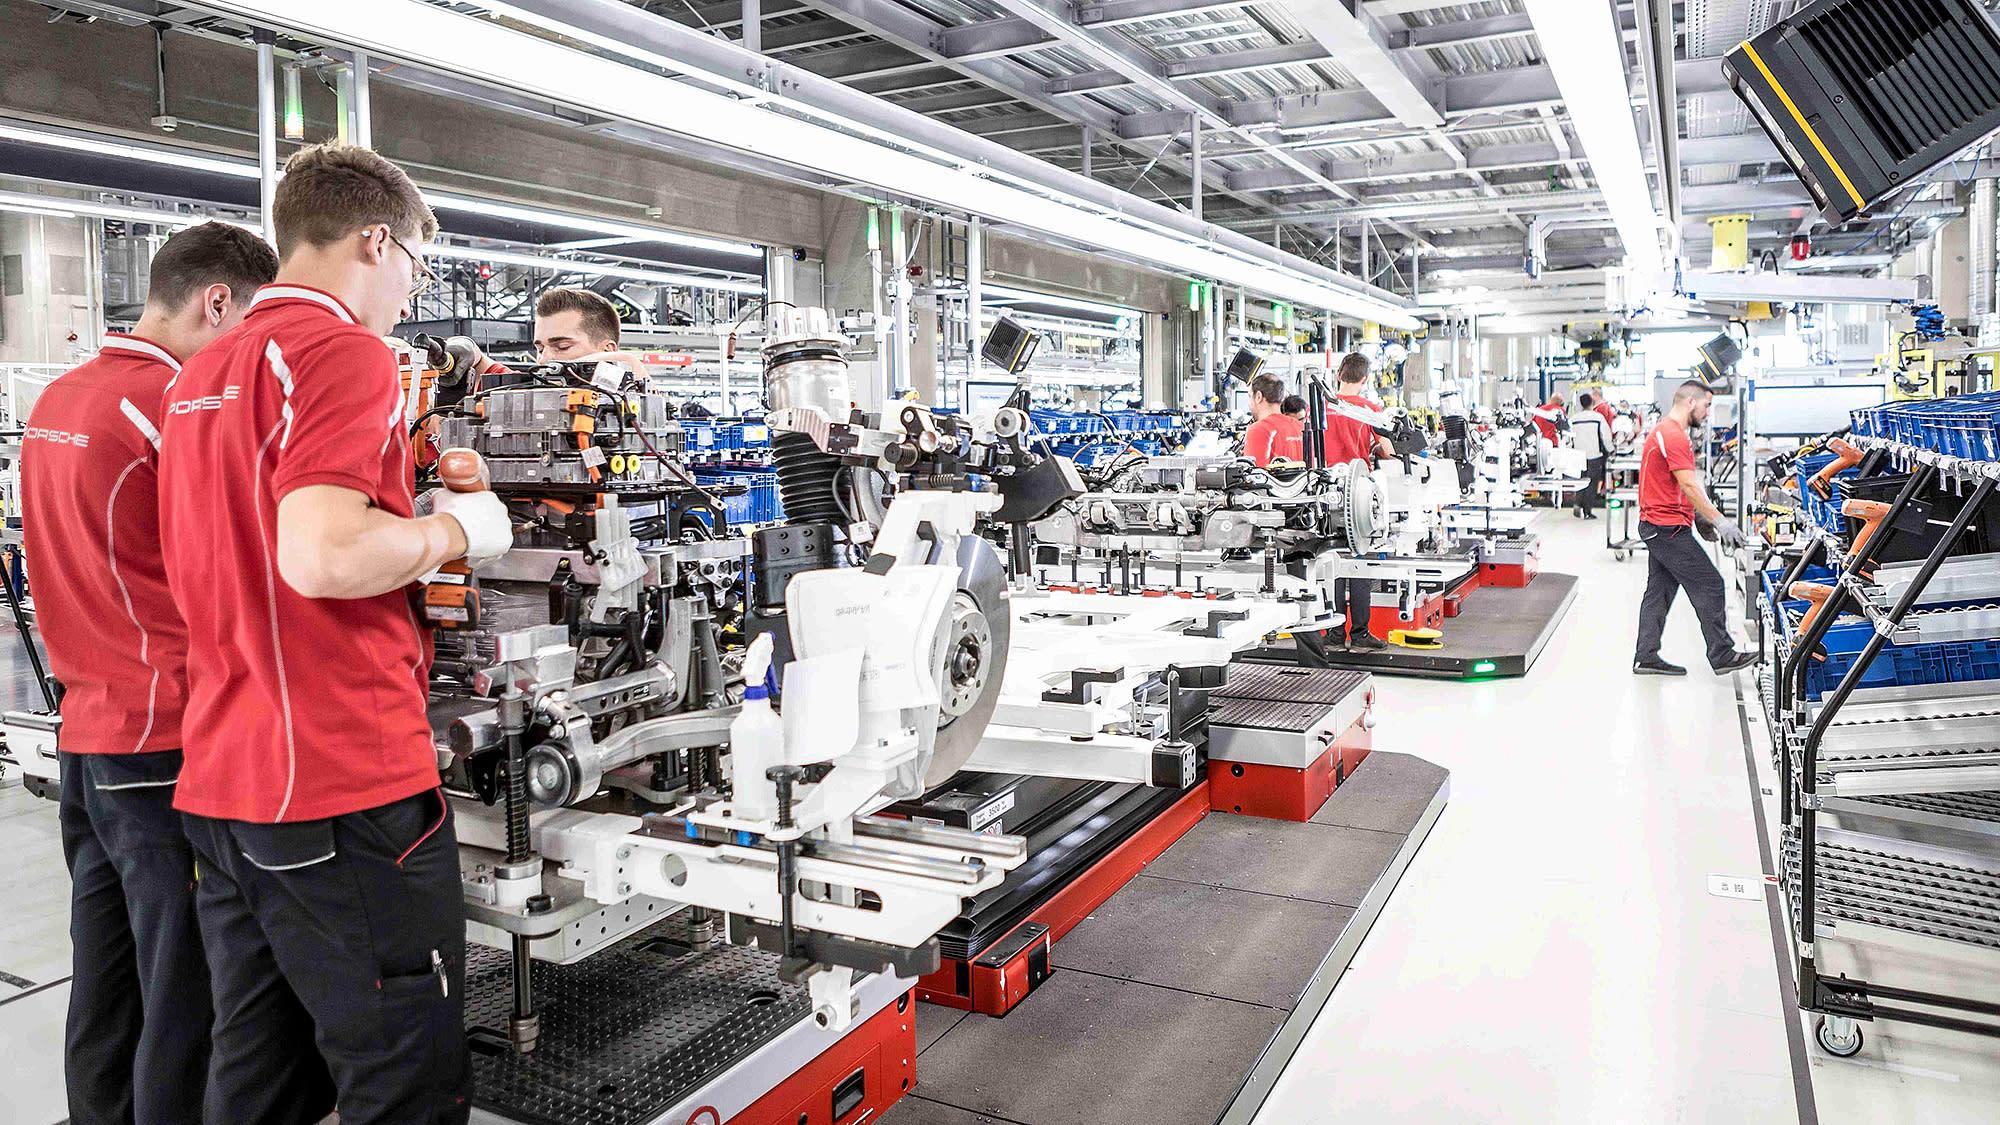 【2019法蘭克福車展】為達 Taycan 生產碳中和目標,Porsche 啟用祖文豪森全新產區